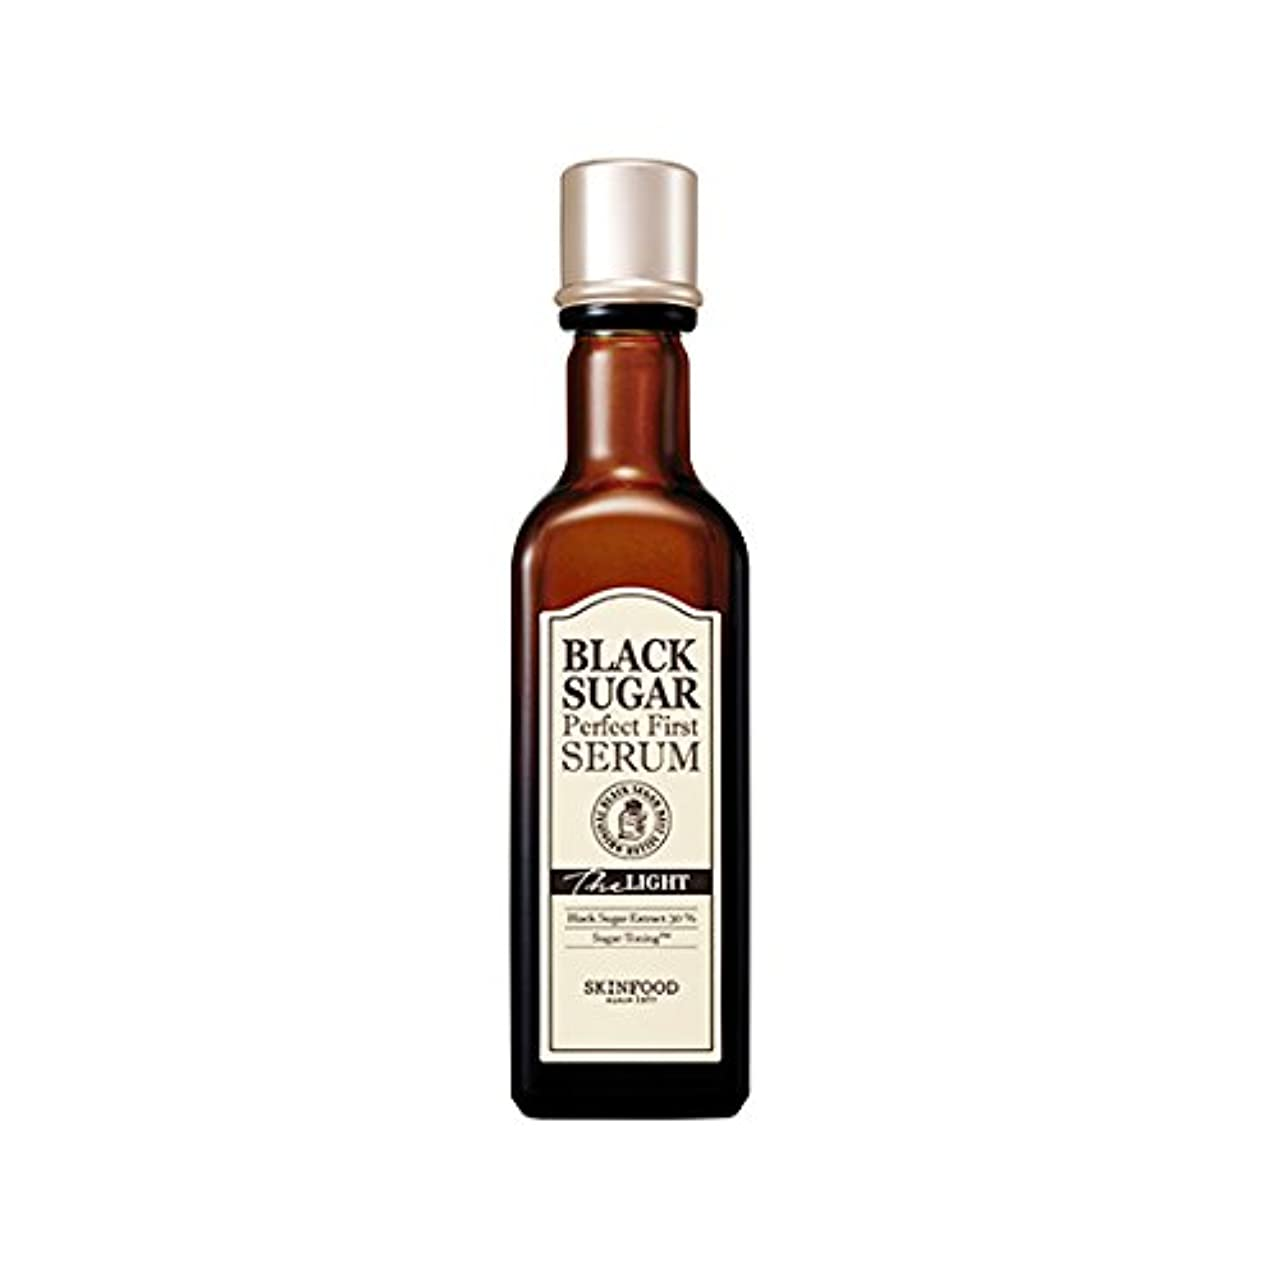 財団また明日ねラジウムSkinfood black sugar perfect first serum the light/黒糖完全最初血清ライト/120ml + 60? [並行輸入品]